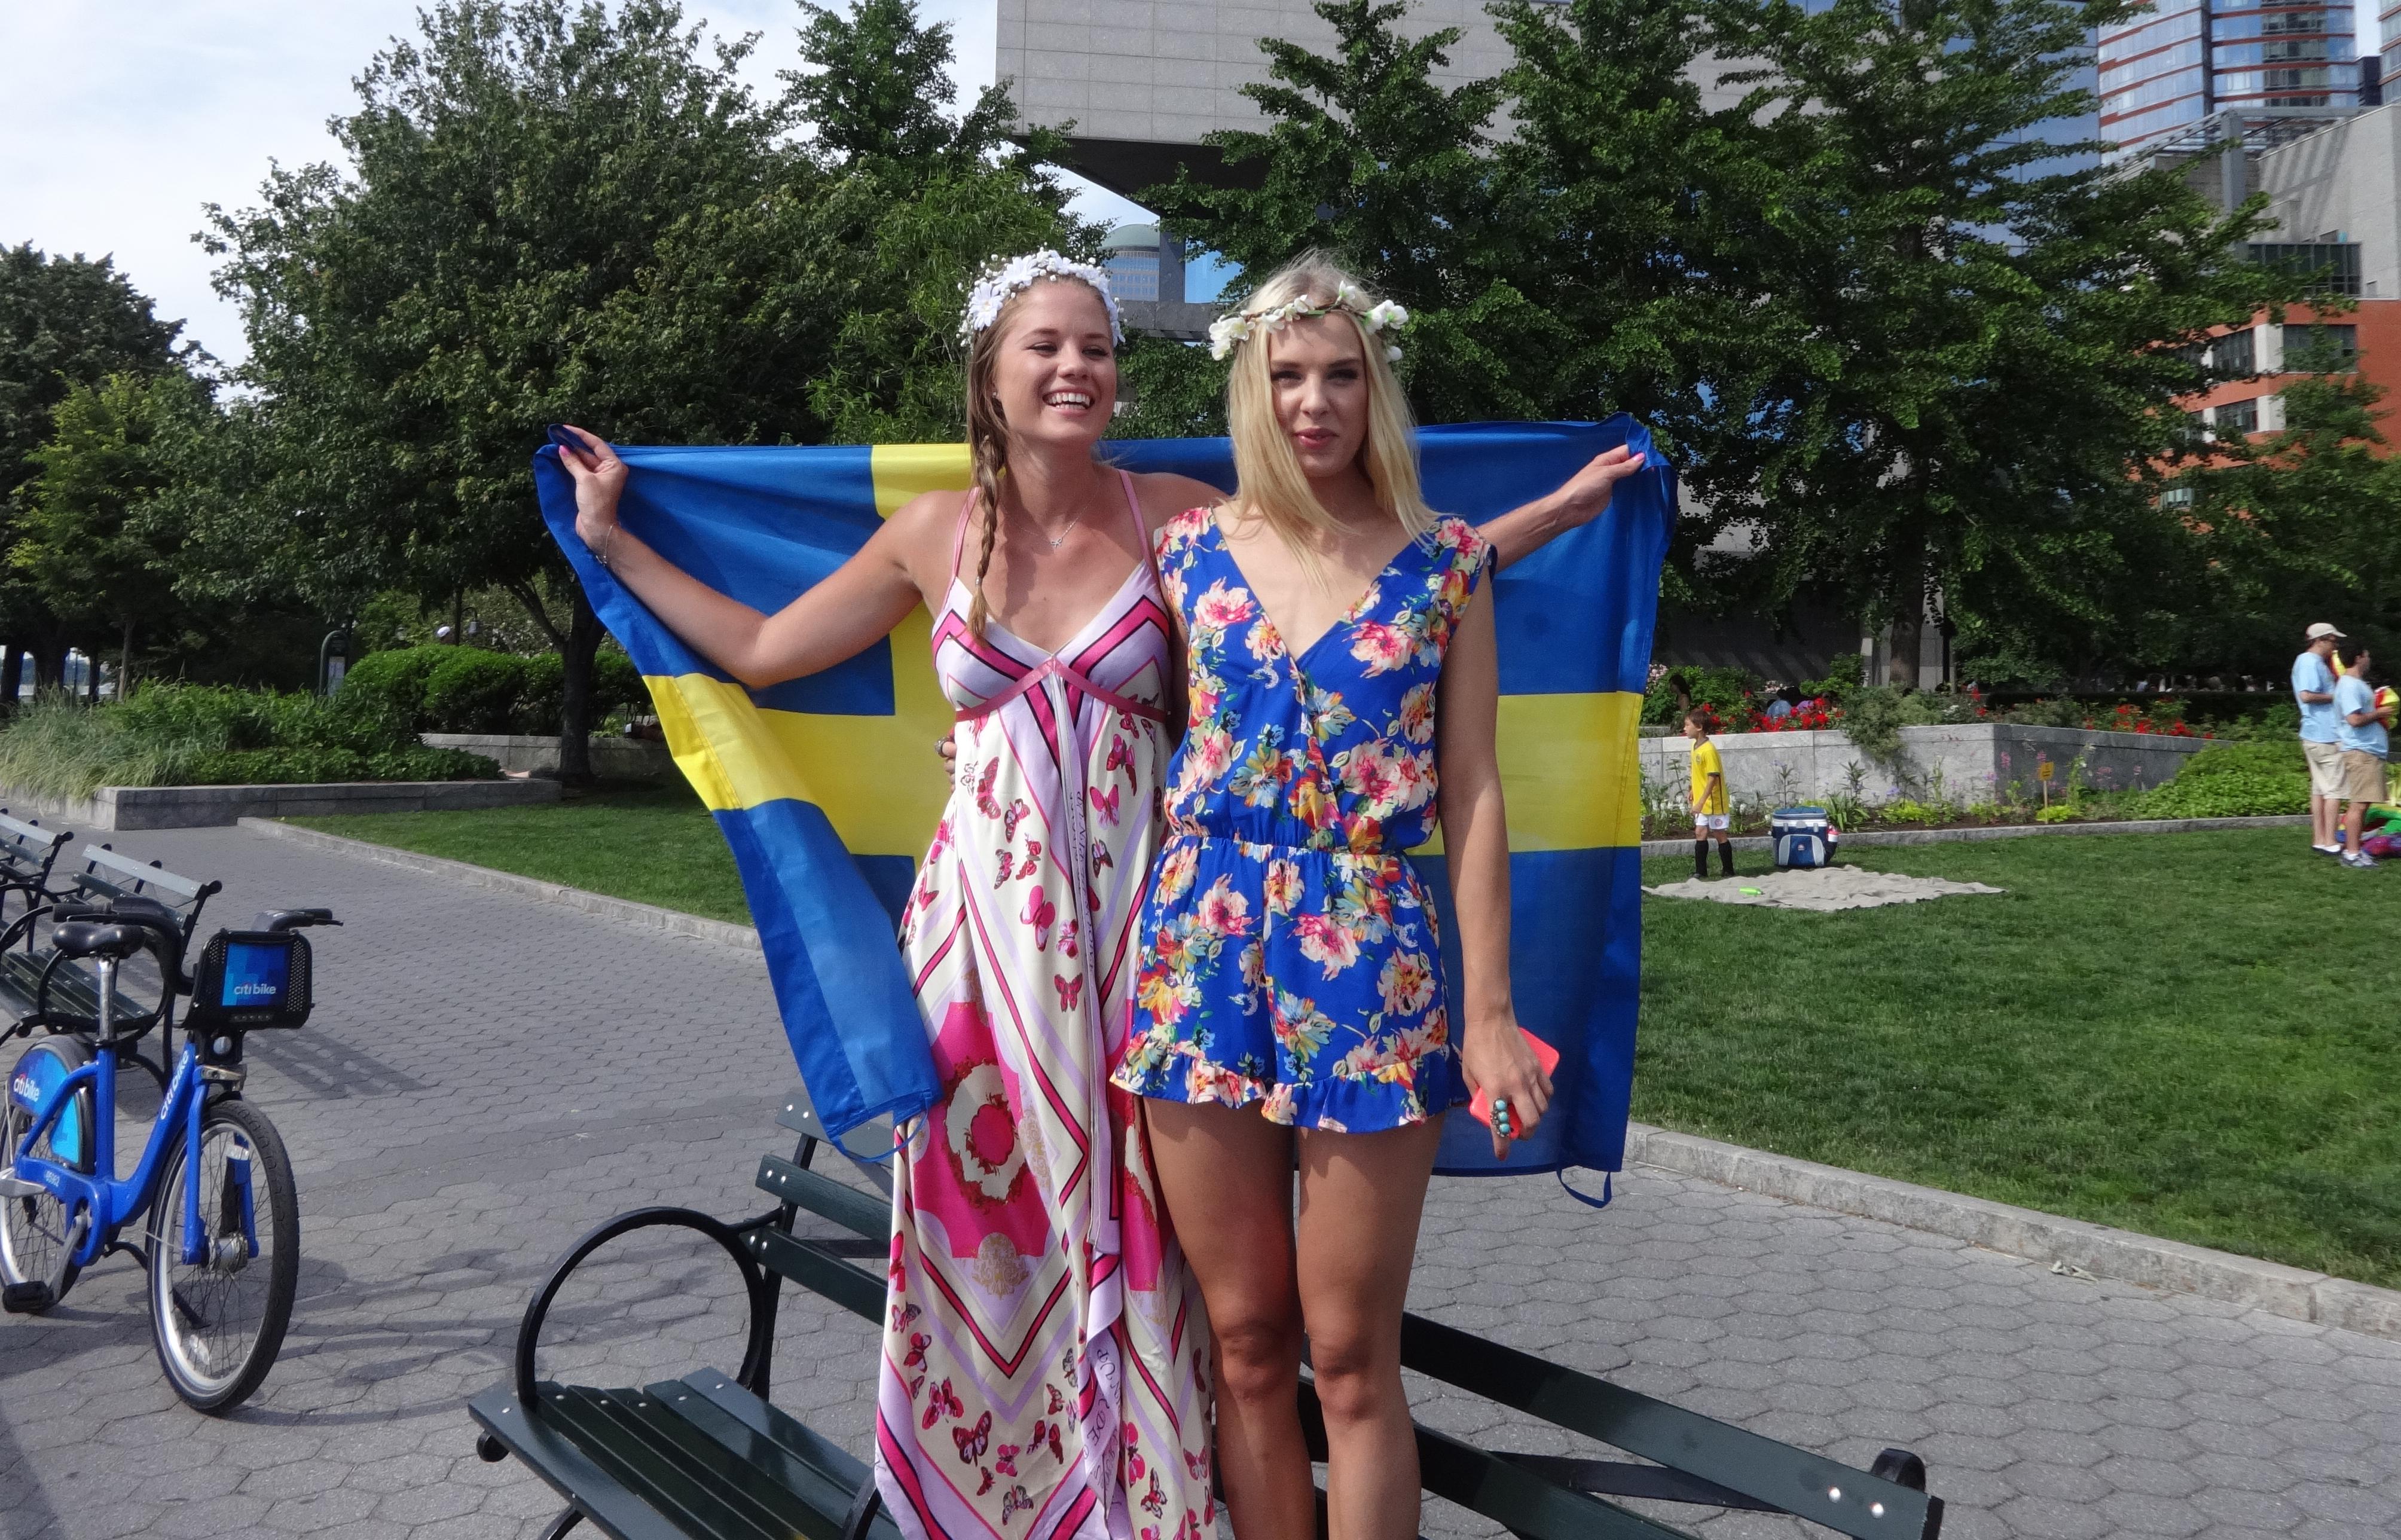 Swedish girls pair